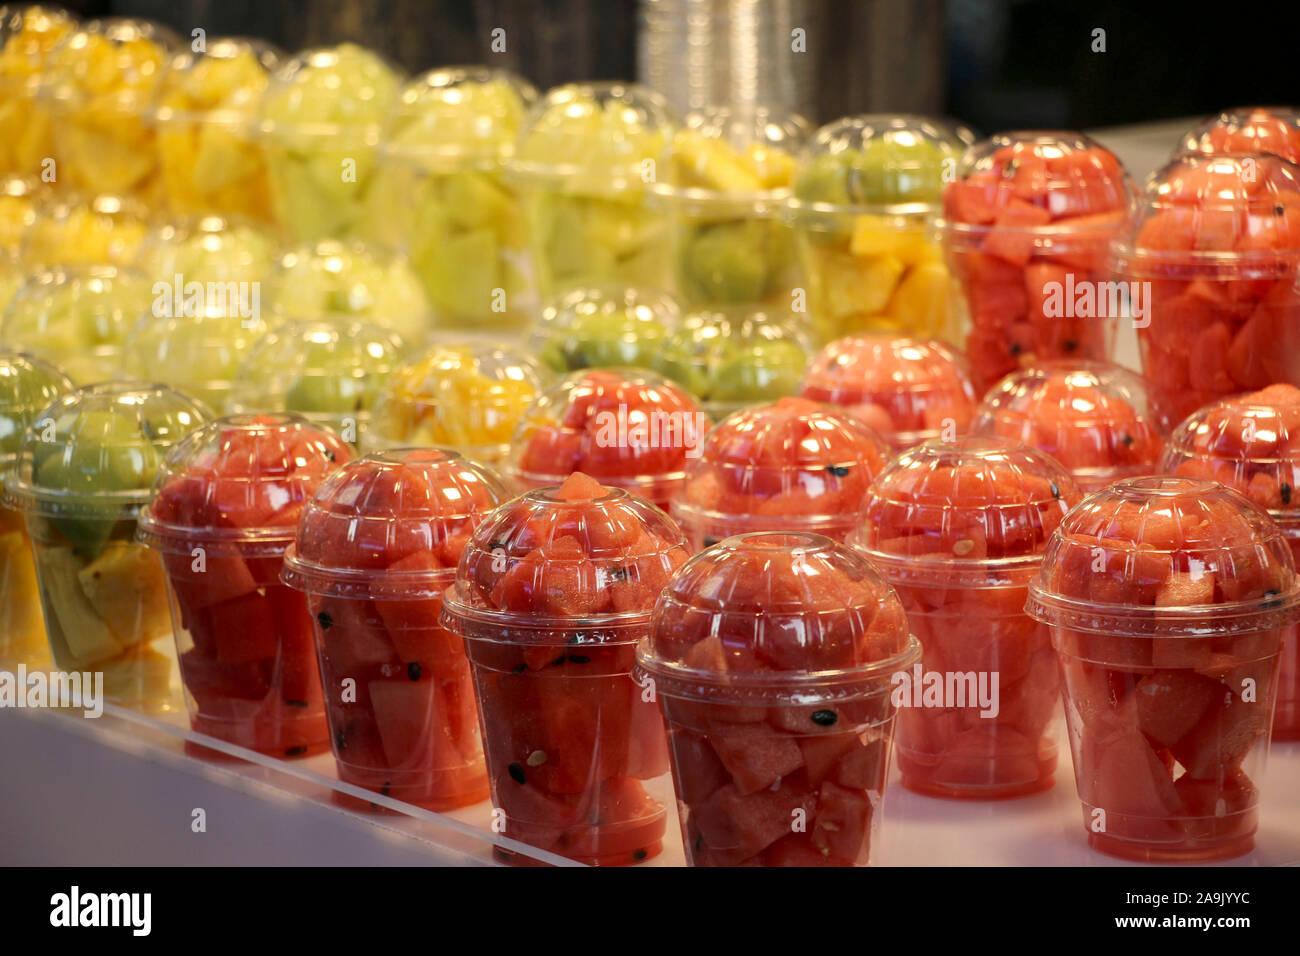 Gehackte Wassermelonen und Honigmelonen in Kunststoff Glas an einer Street Food Markt Stockfoto